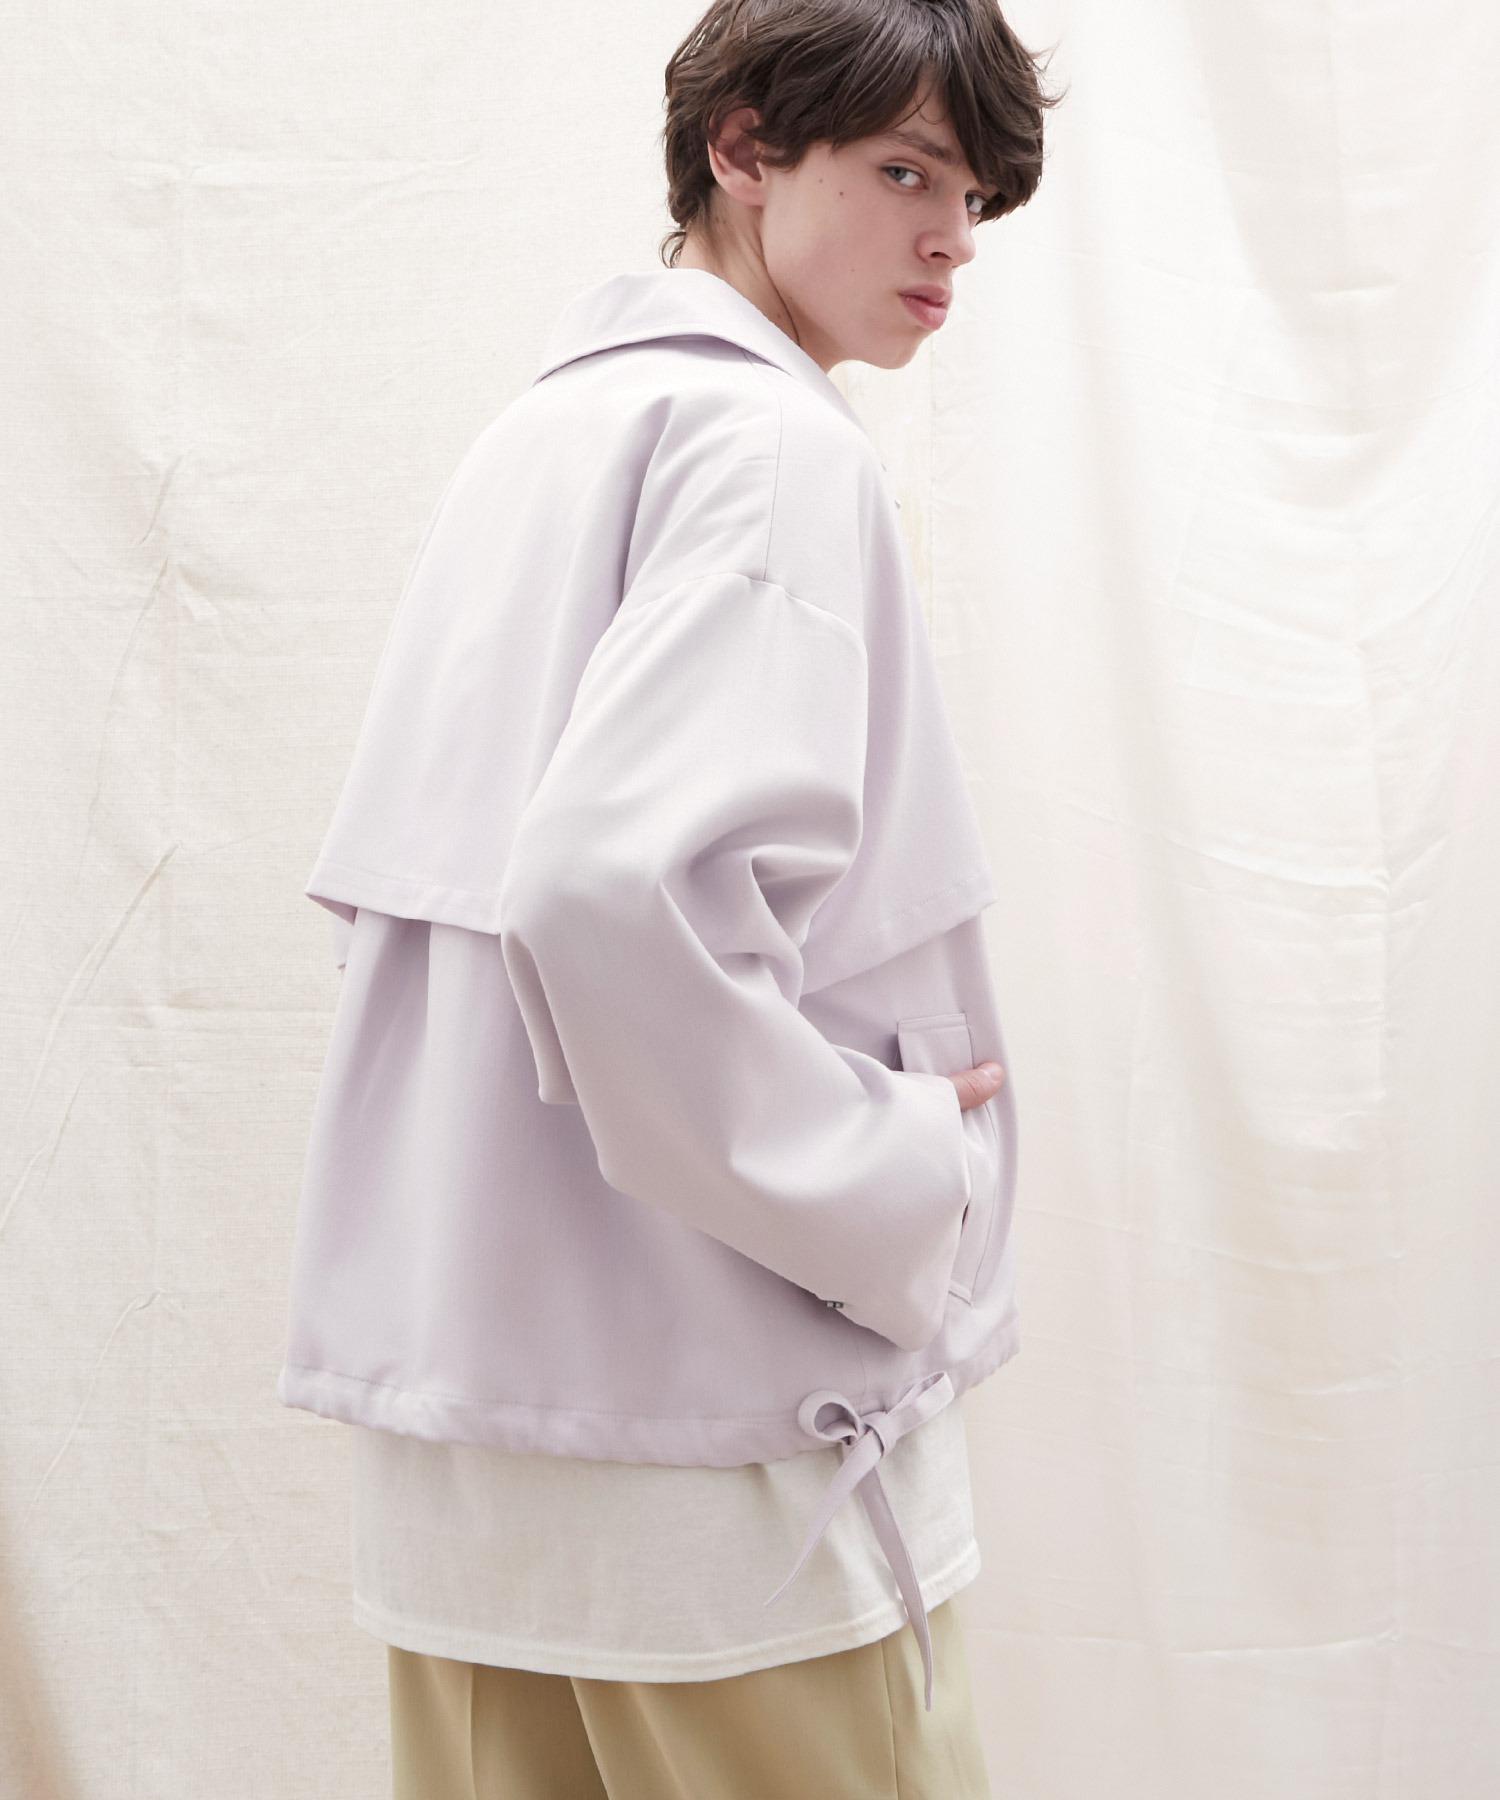 オーバーサイズ 袖ボリューム オーバーサイズ フライト コーチ ジャケット/CPOショート/ヨーク/ロングブルゾン EMMA CLOTHES 2021 SPRING